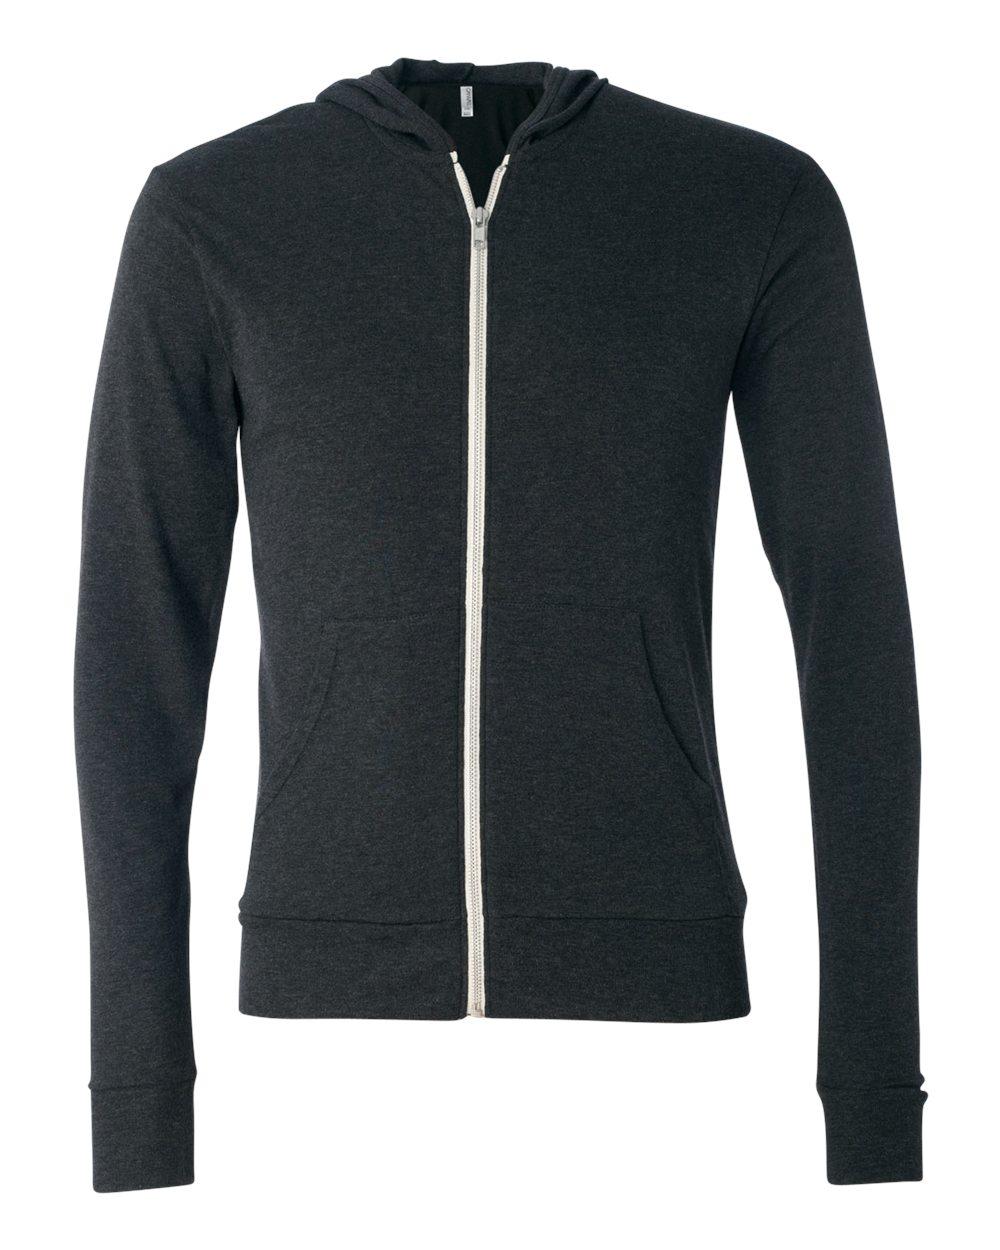 Bella-Canvas-Unisex-Triblend-Lightweight-Hooded-Full-Zip-T-Shirt-3939-upto-2XL thumbnail 9